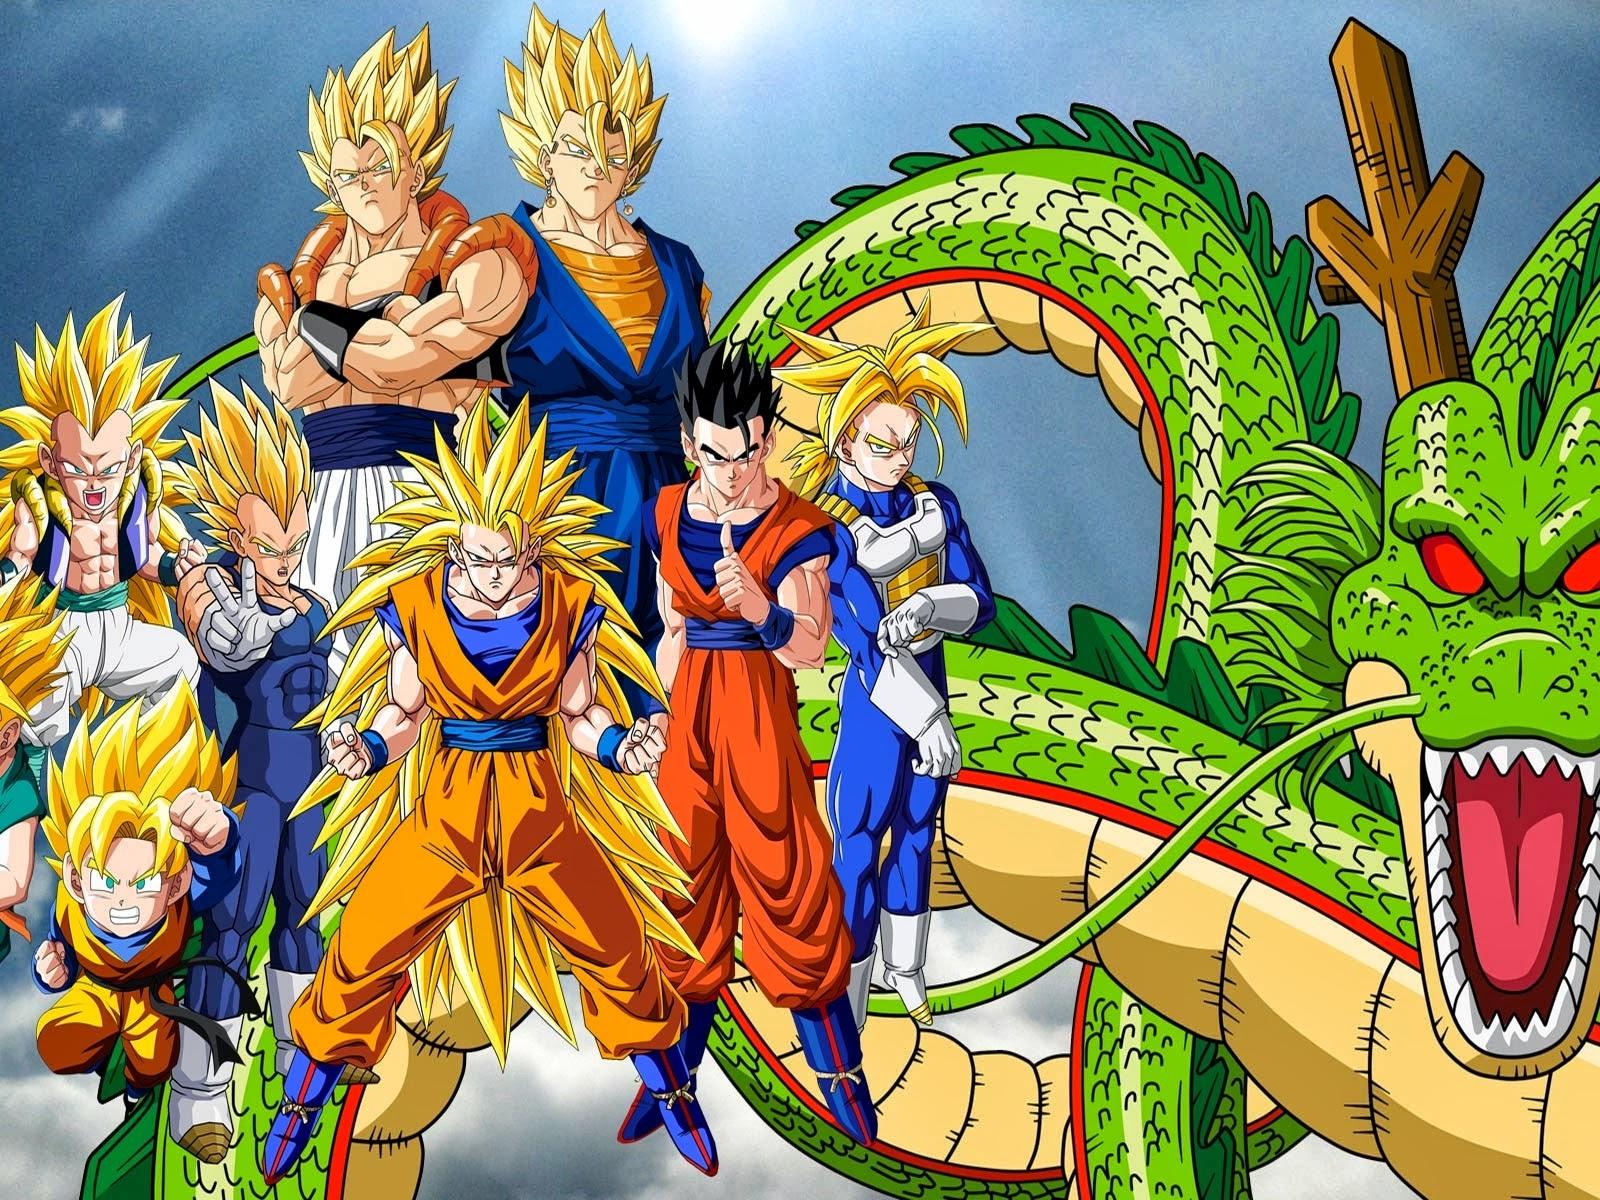 Dragon ball z serie completa mega latino descargas - Dragon bale z ...